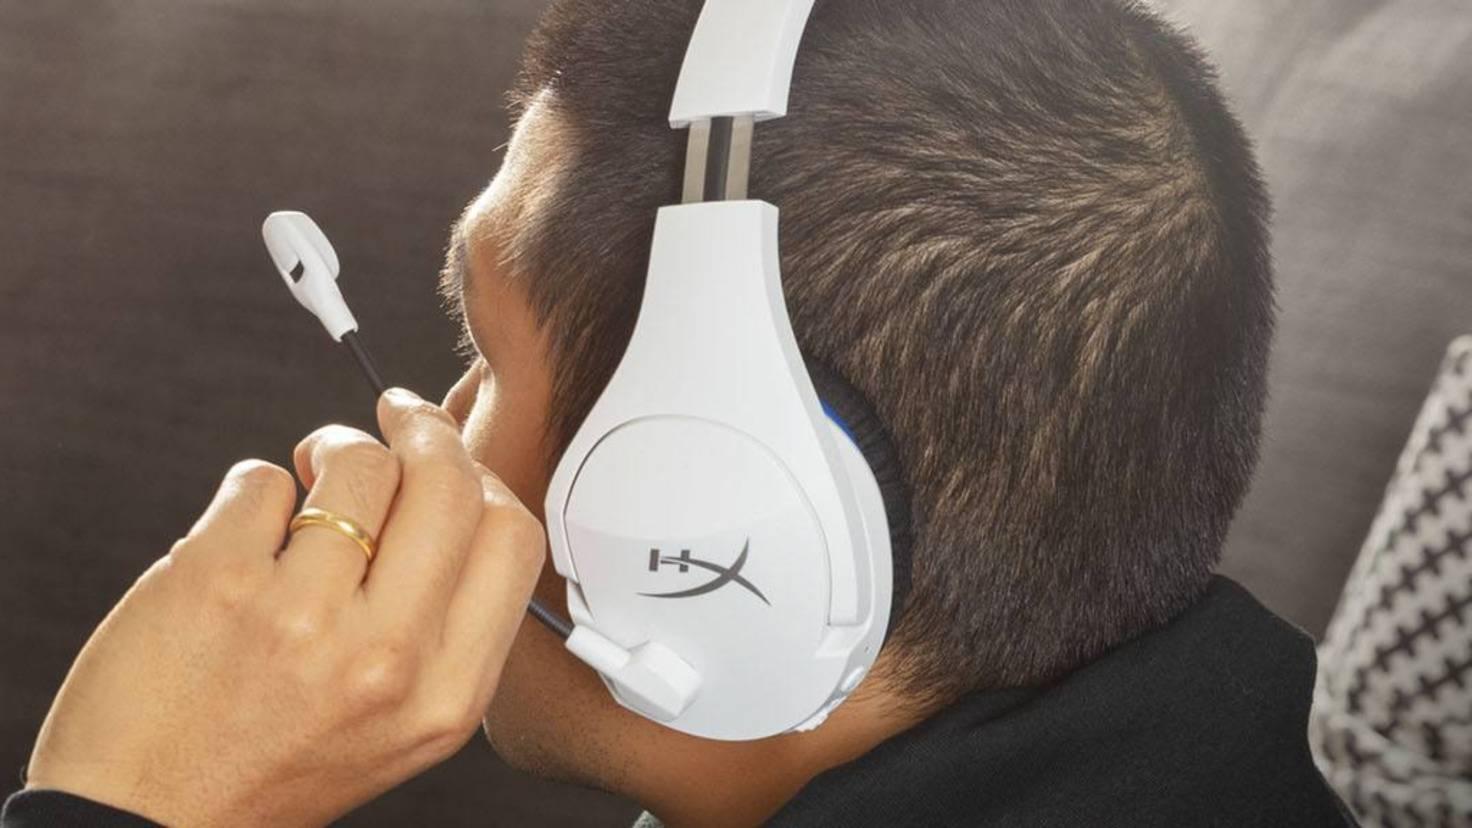 headset-cloud-stinger-core-wireless-ps4-lifestyle-2-ausschnitt